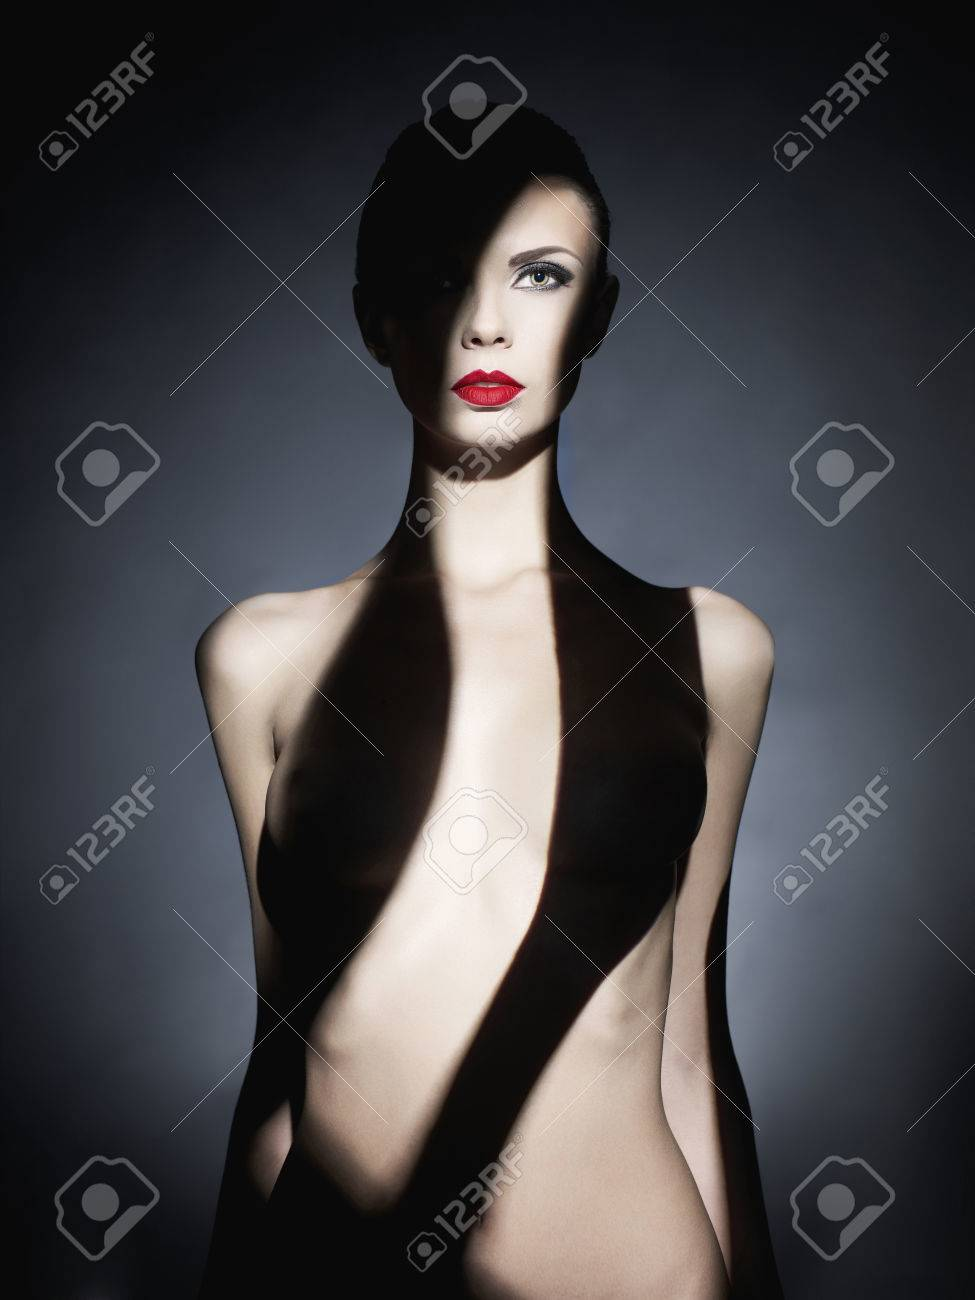 pantyhose-naked-lady-poto